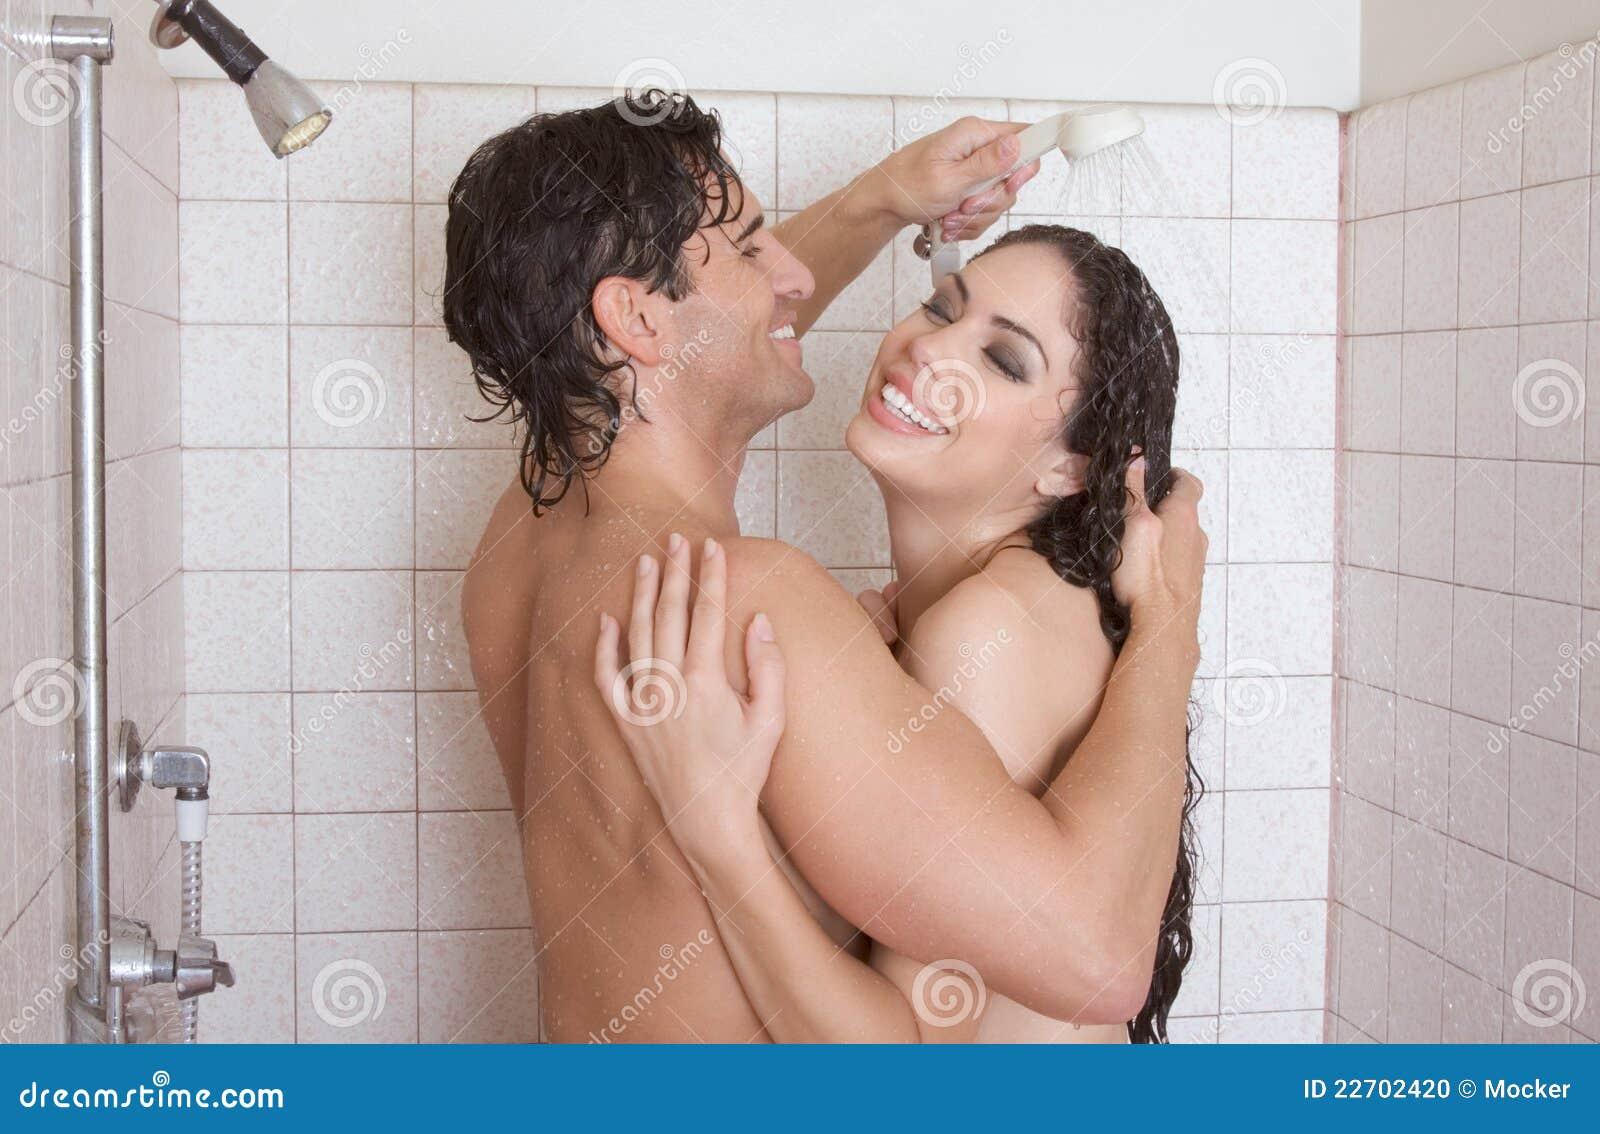 Photos gratuites hommes latins nus gratuitement